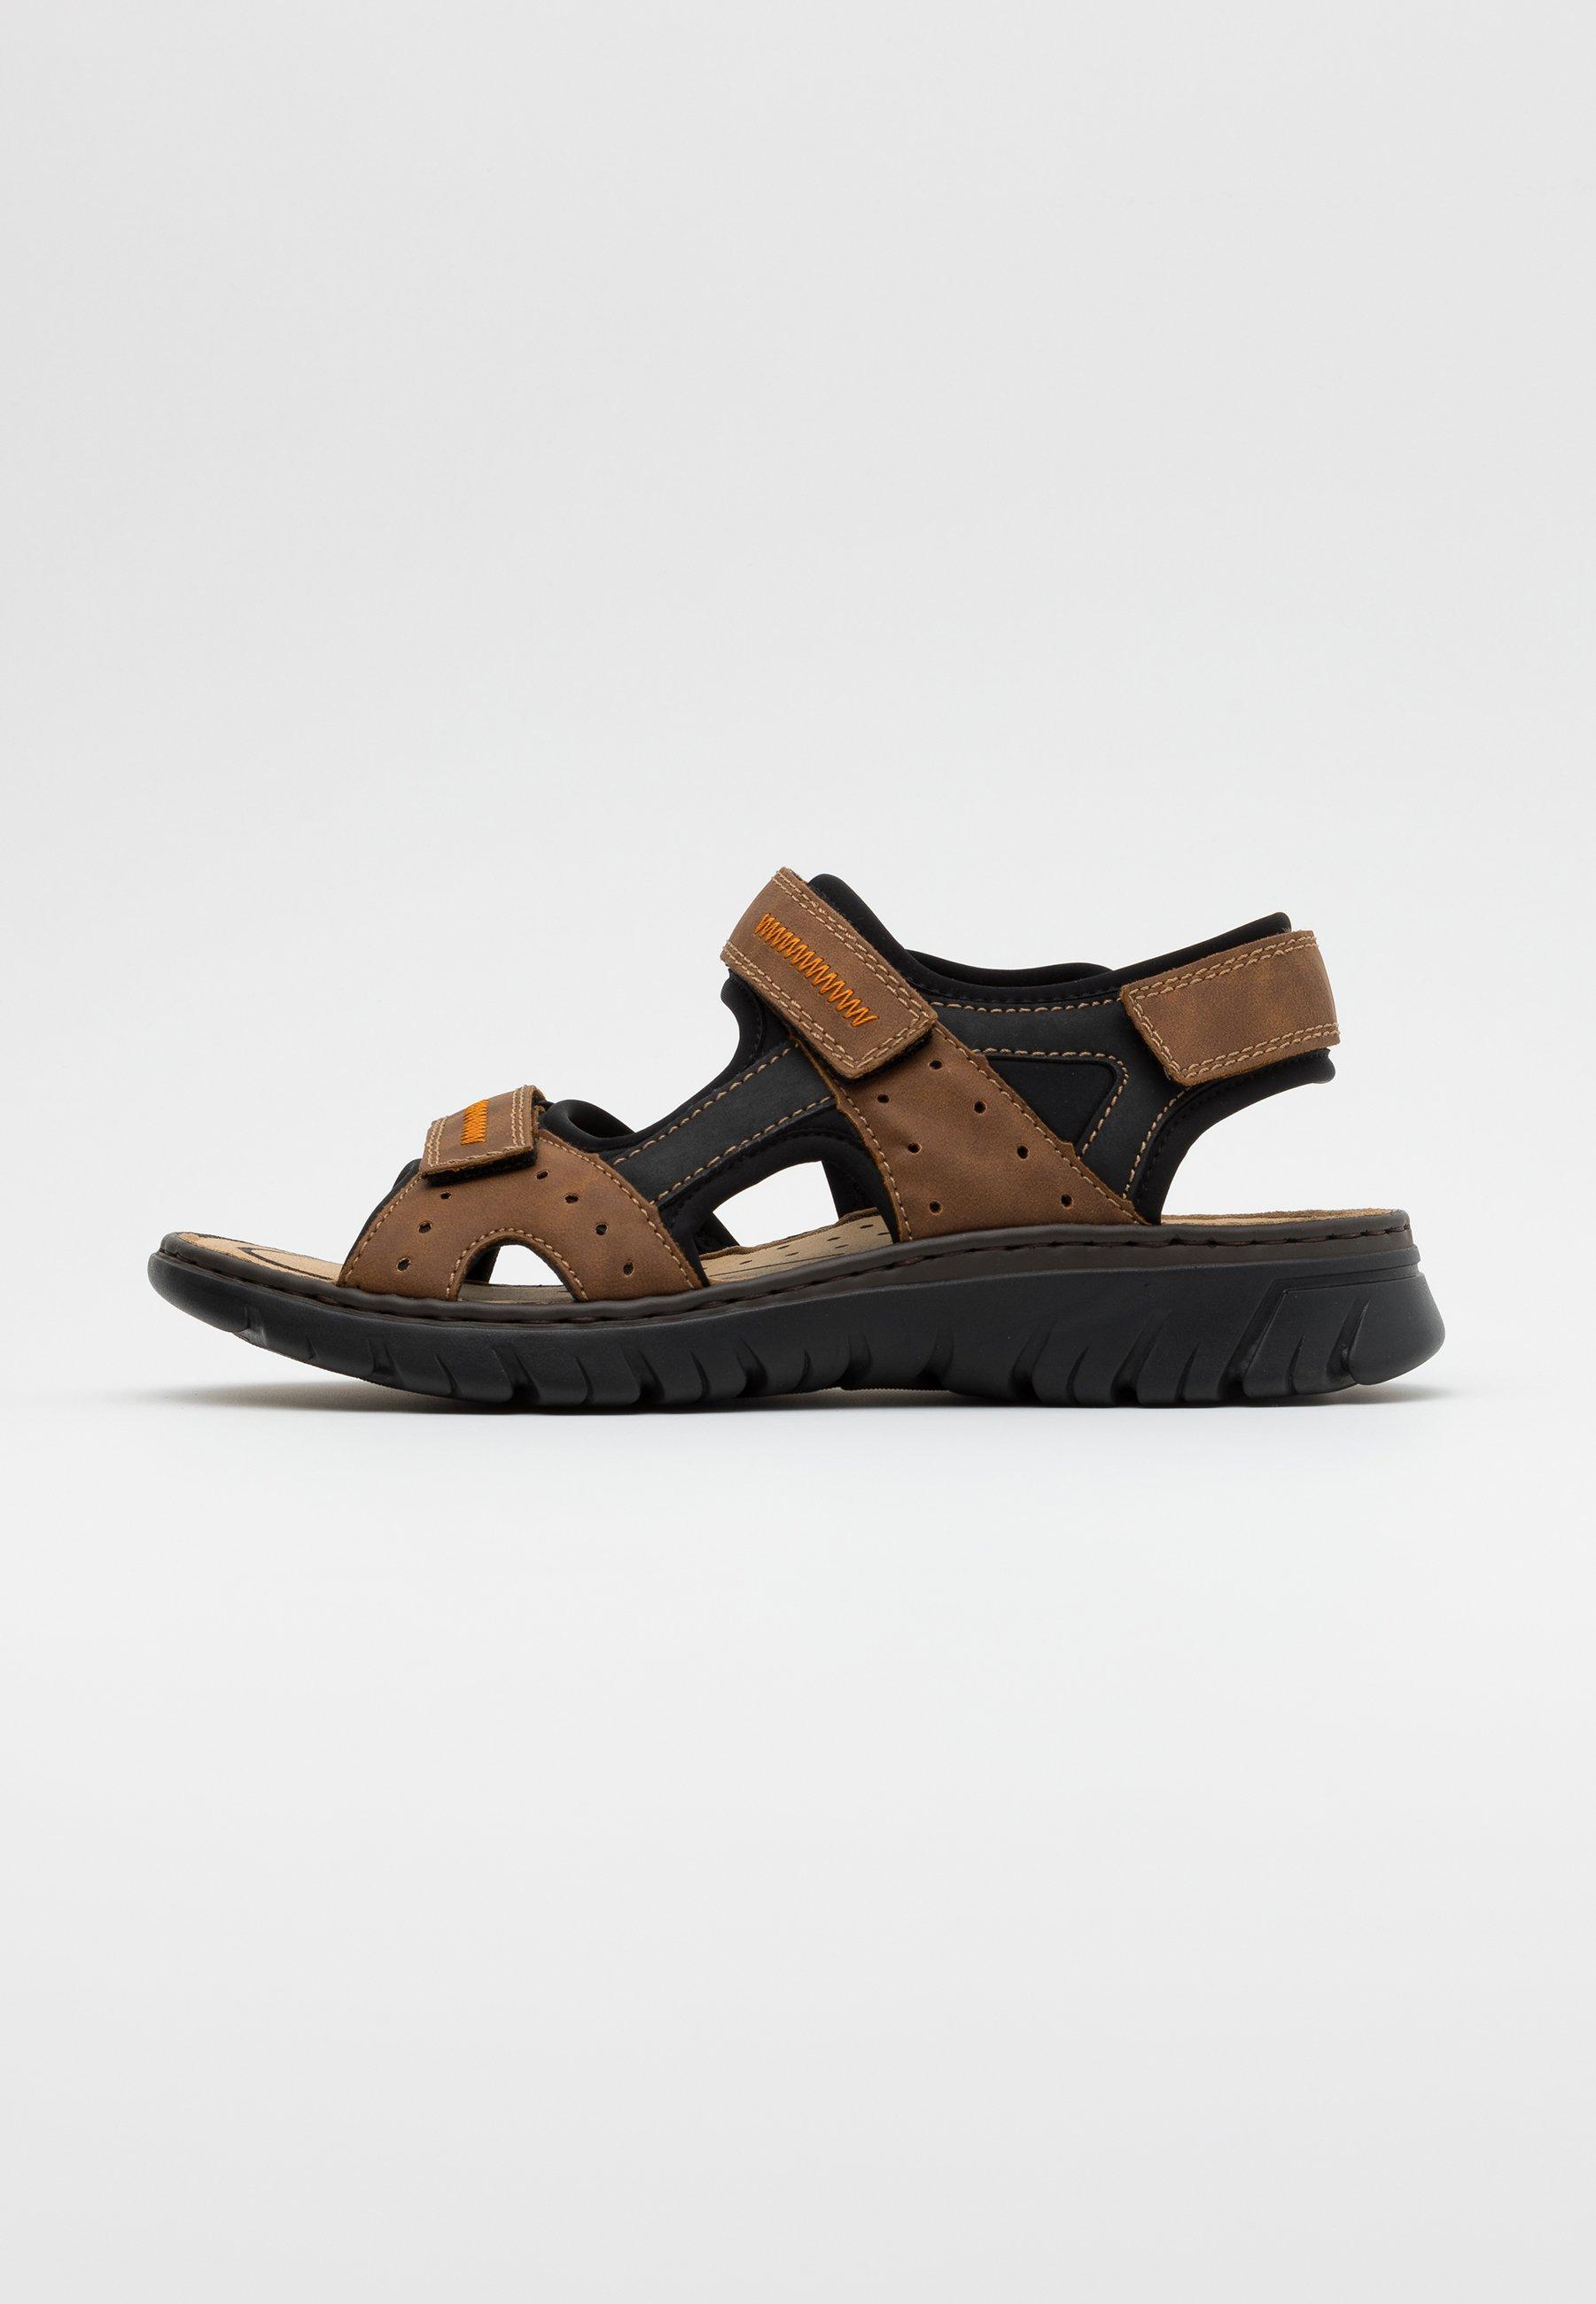 Rieker Schuhe in Braun: bis zu −31% | Stylight